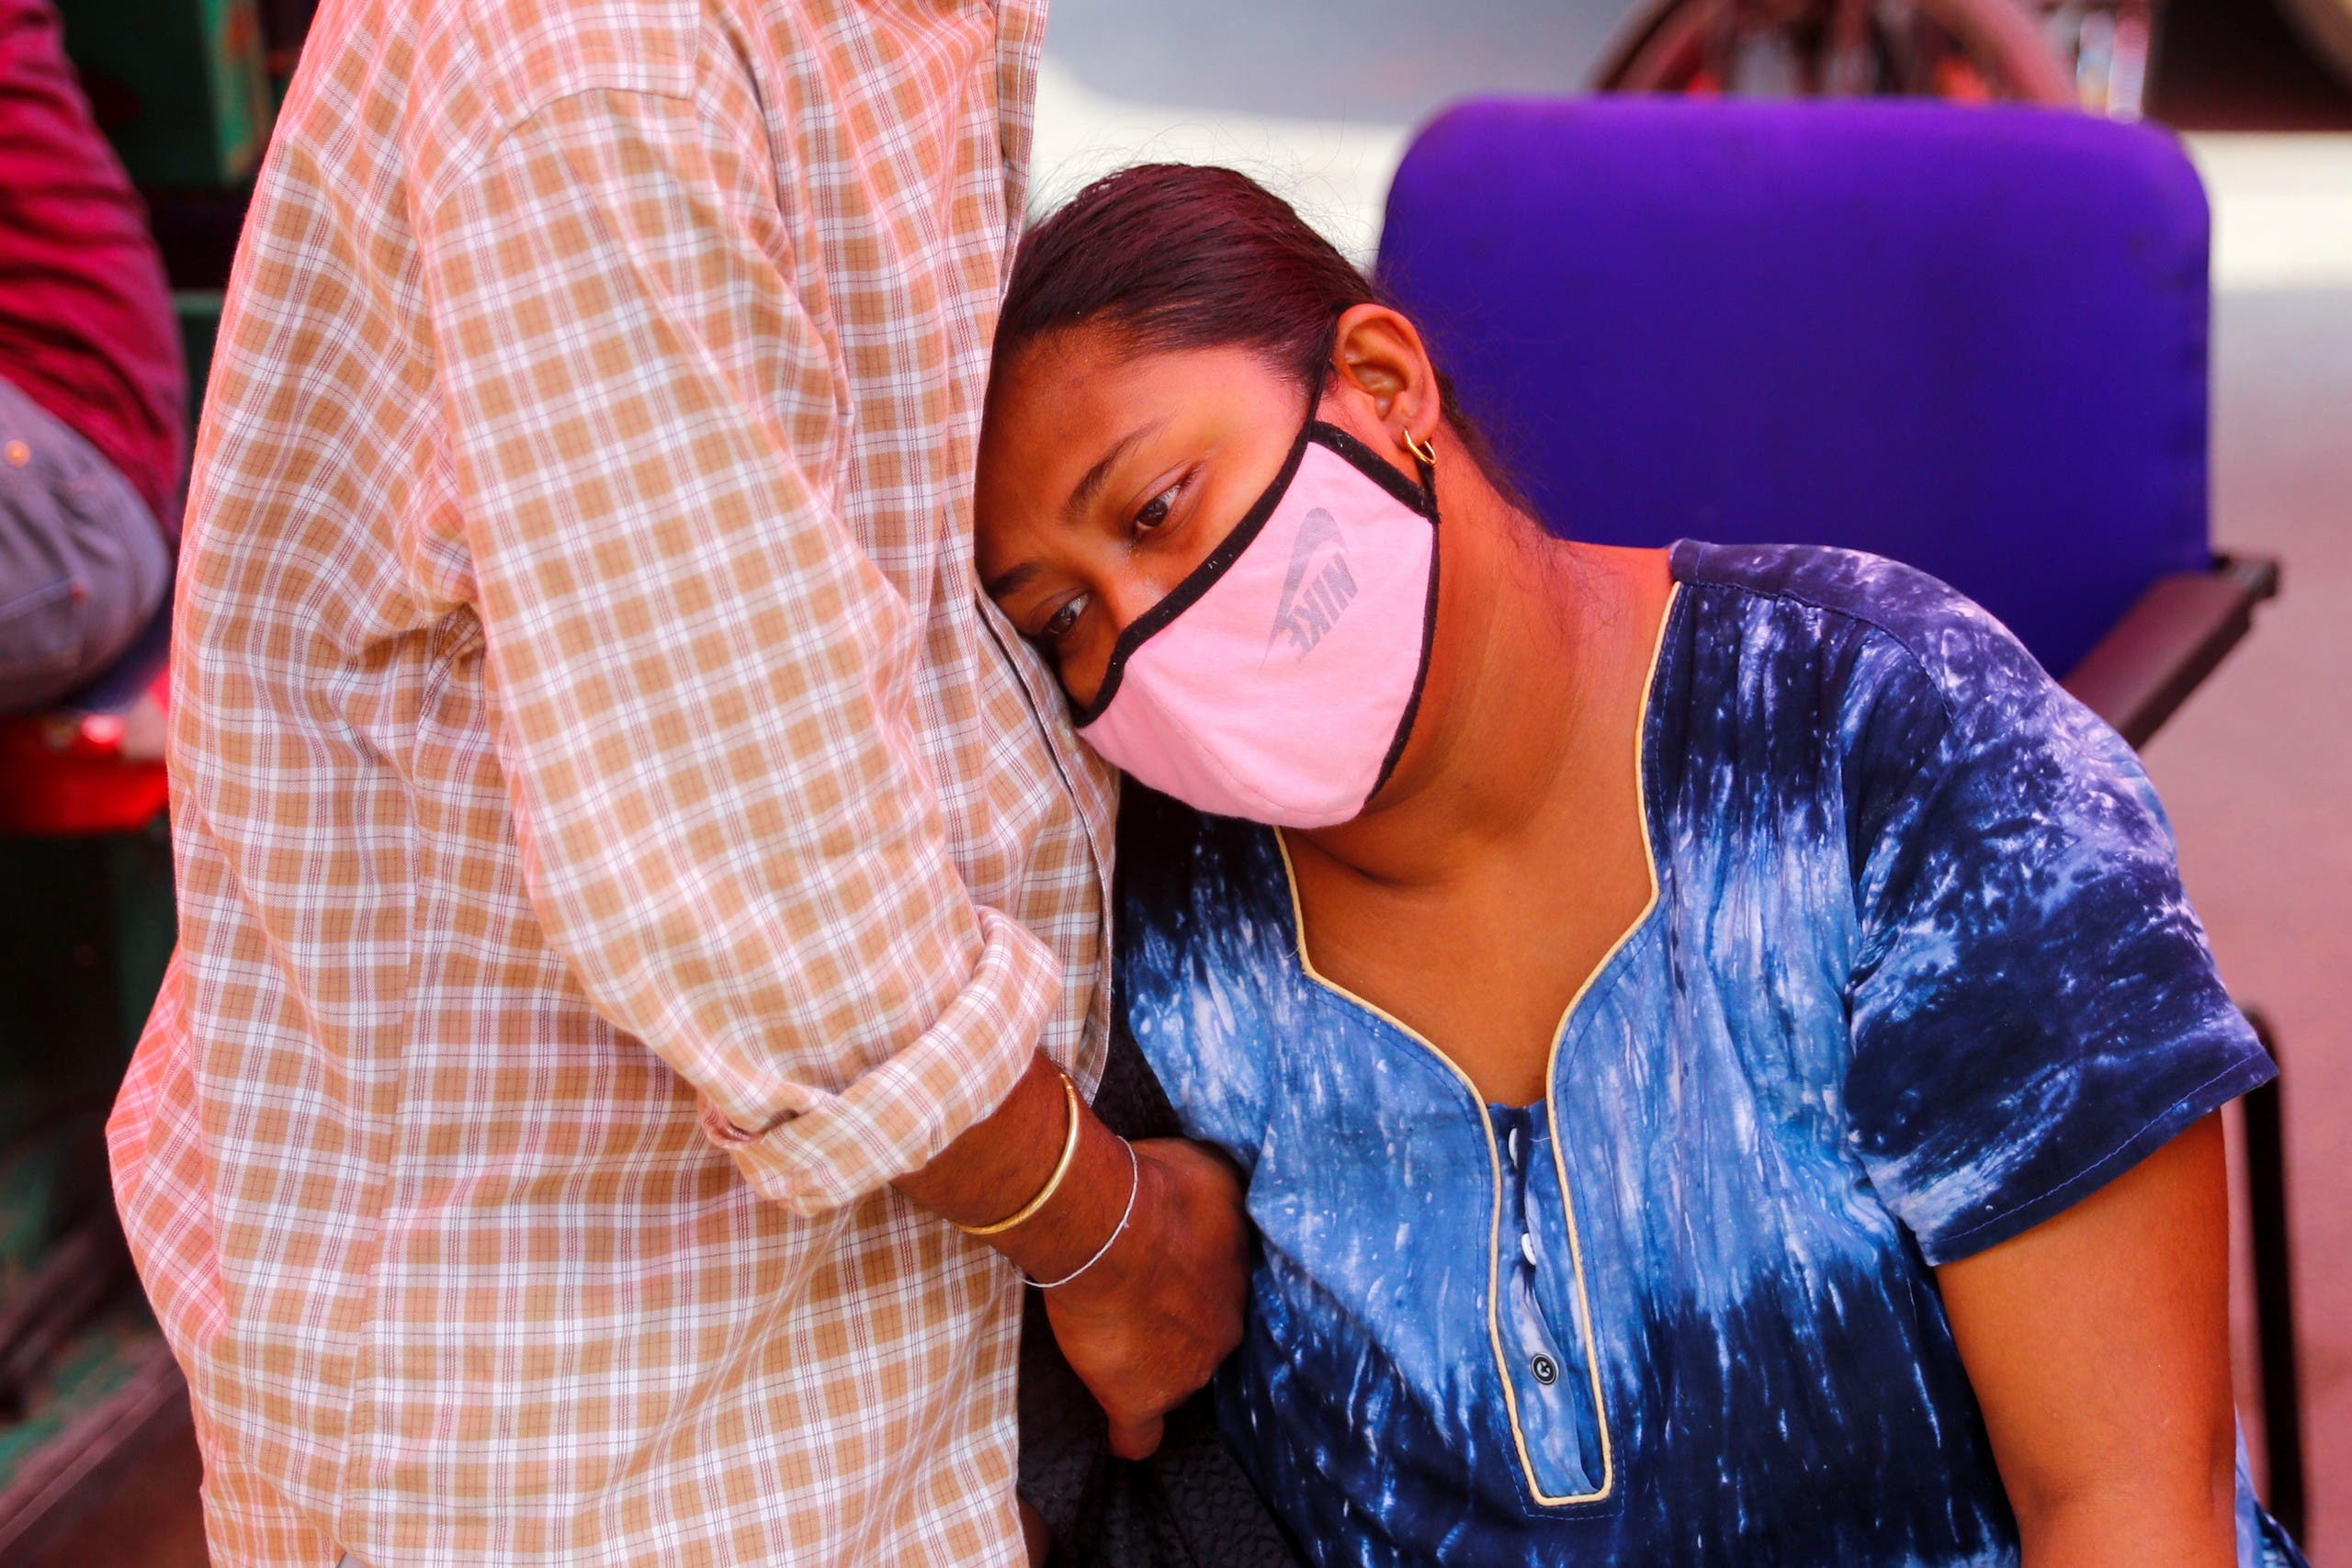 سيدة مصابة بكورونا تعاني من ضيق في التنفس وتنتظر للحصول على الأوكسيجين في إحدى مناطق الهند